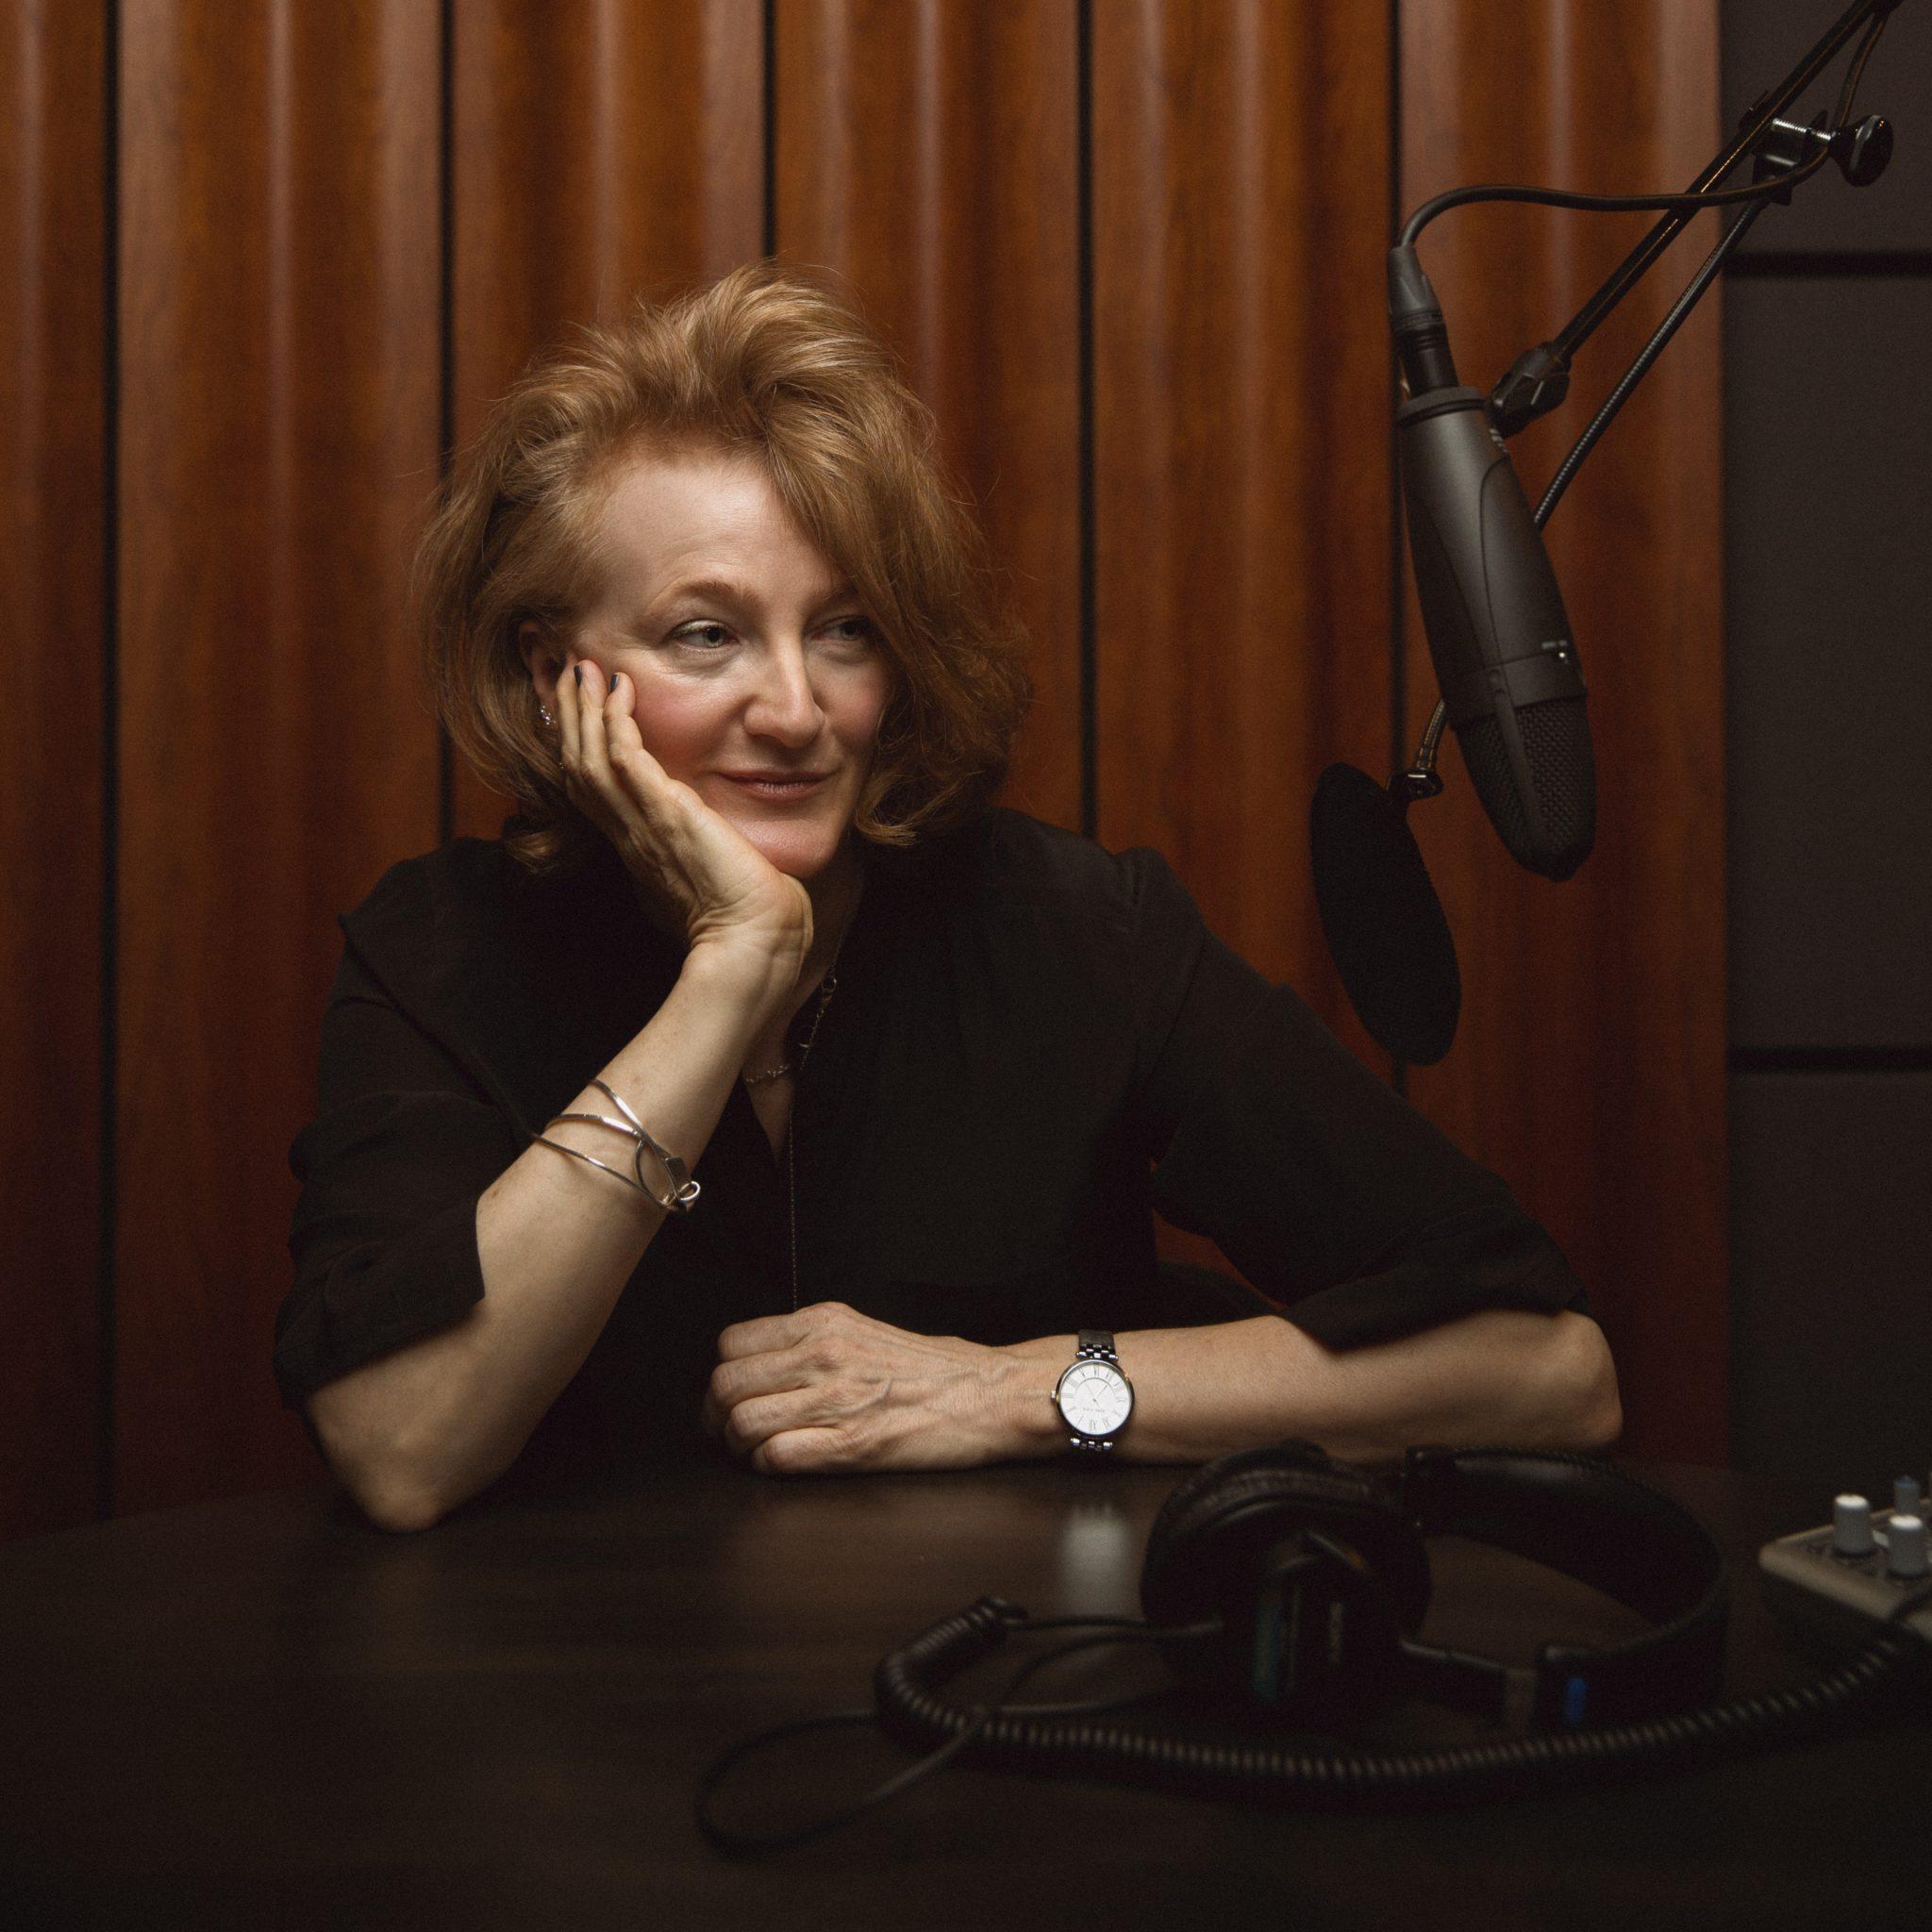 Krista Tippett, Broadcaster, Writer, Social Entrepreneur